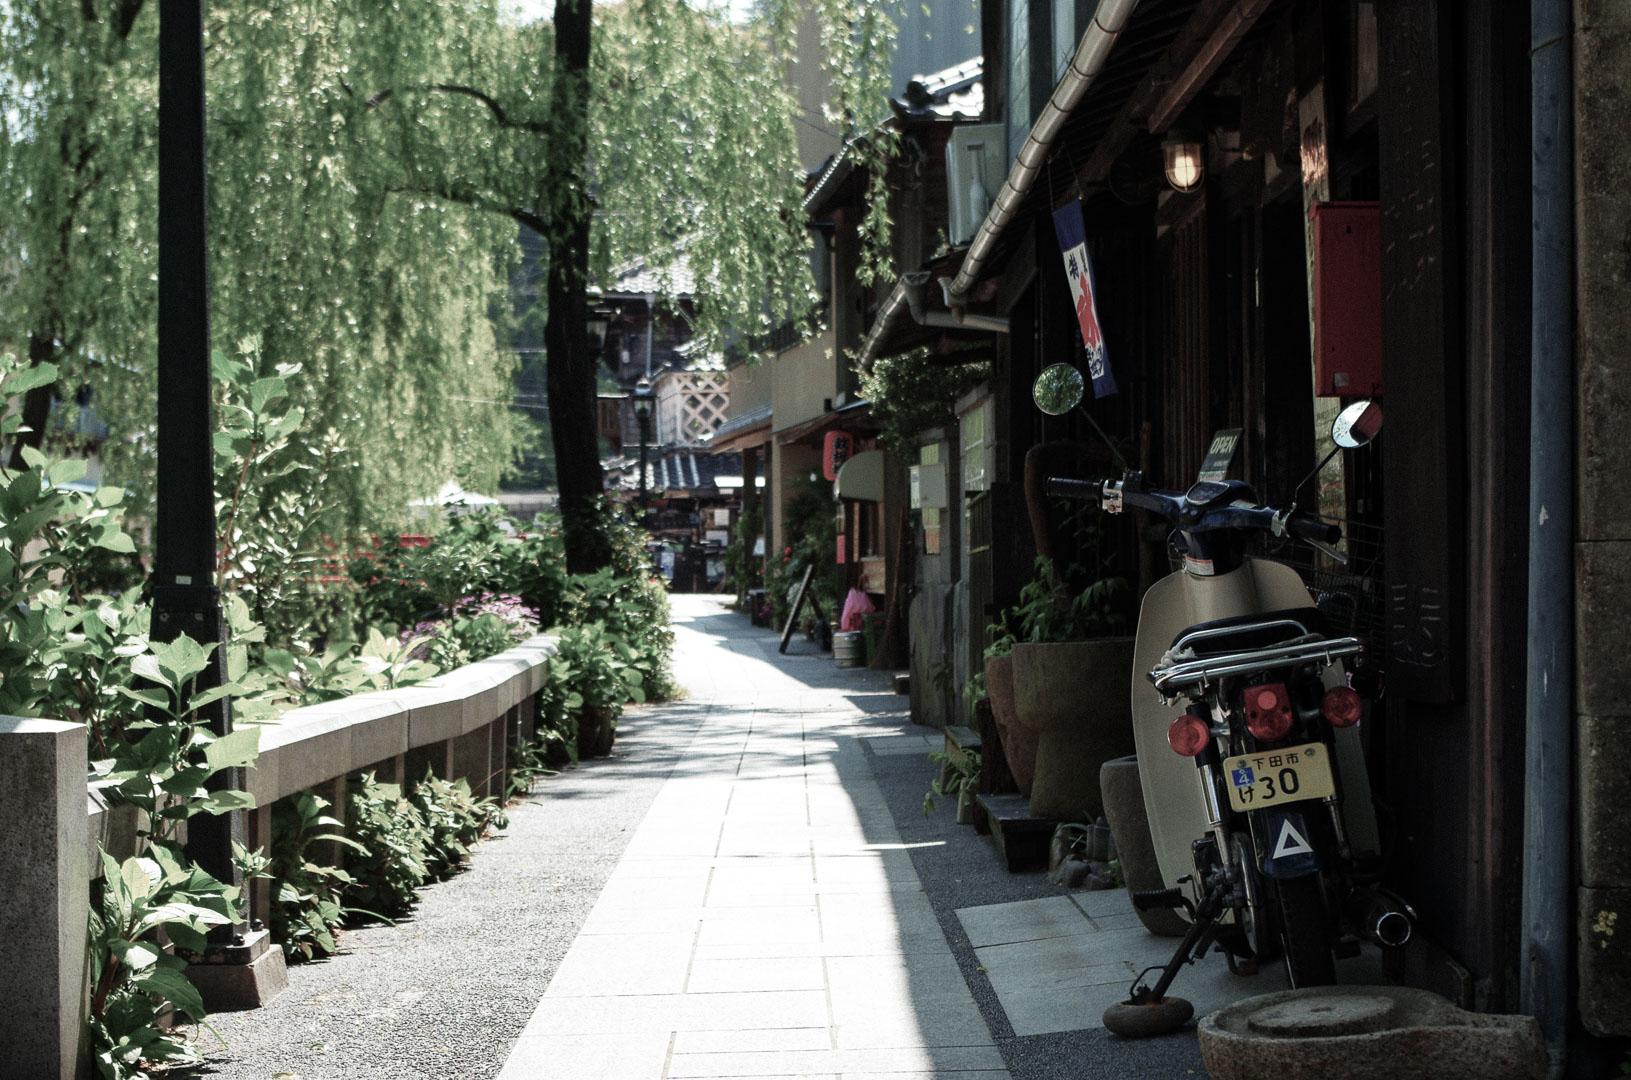 伊豆下田の街並みを撮りました